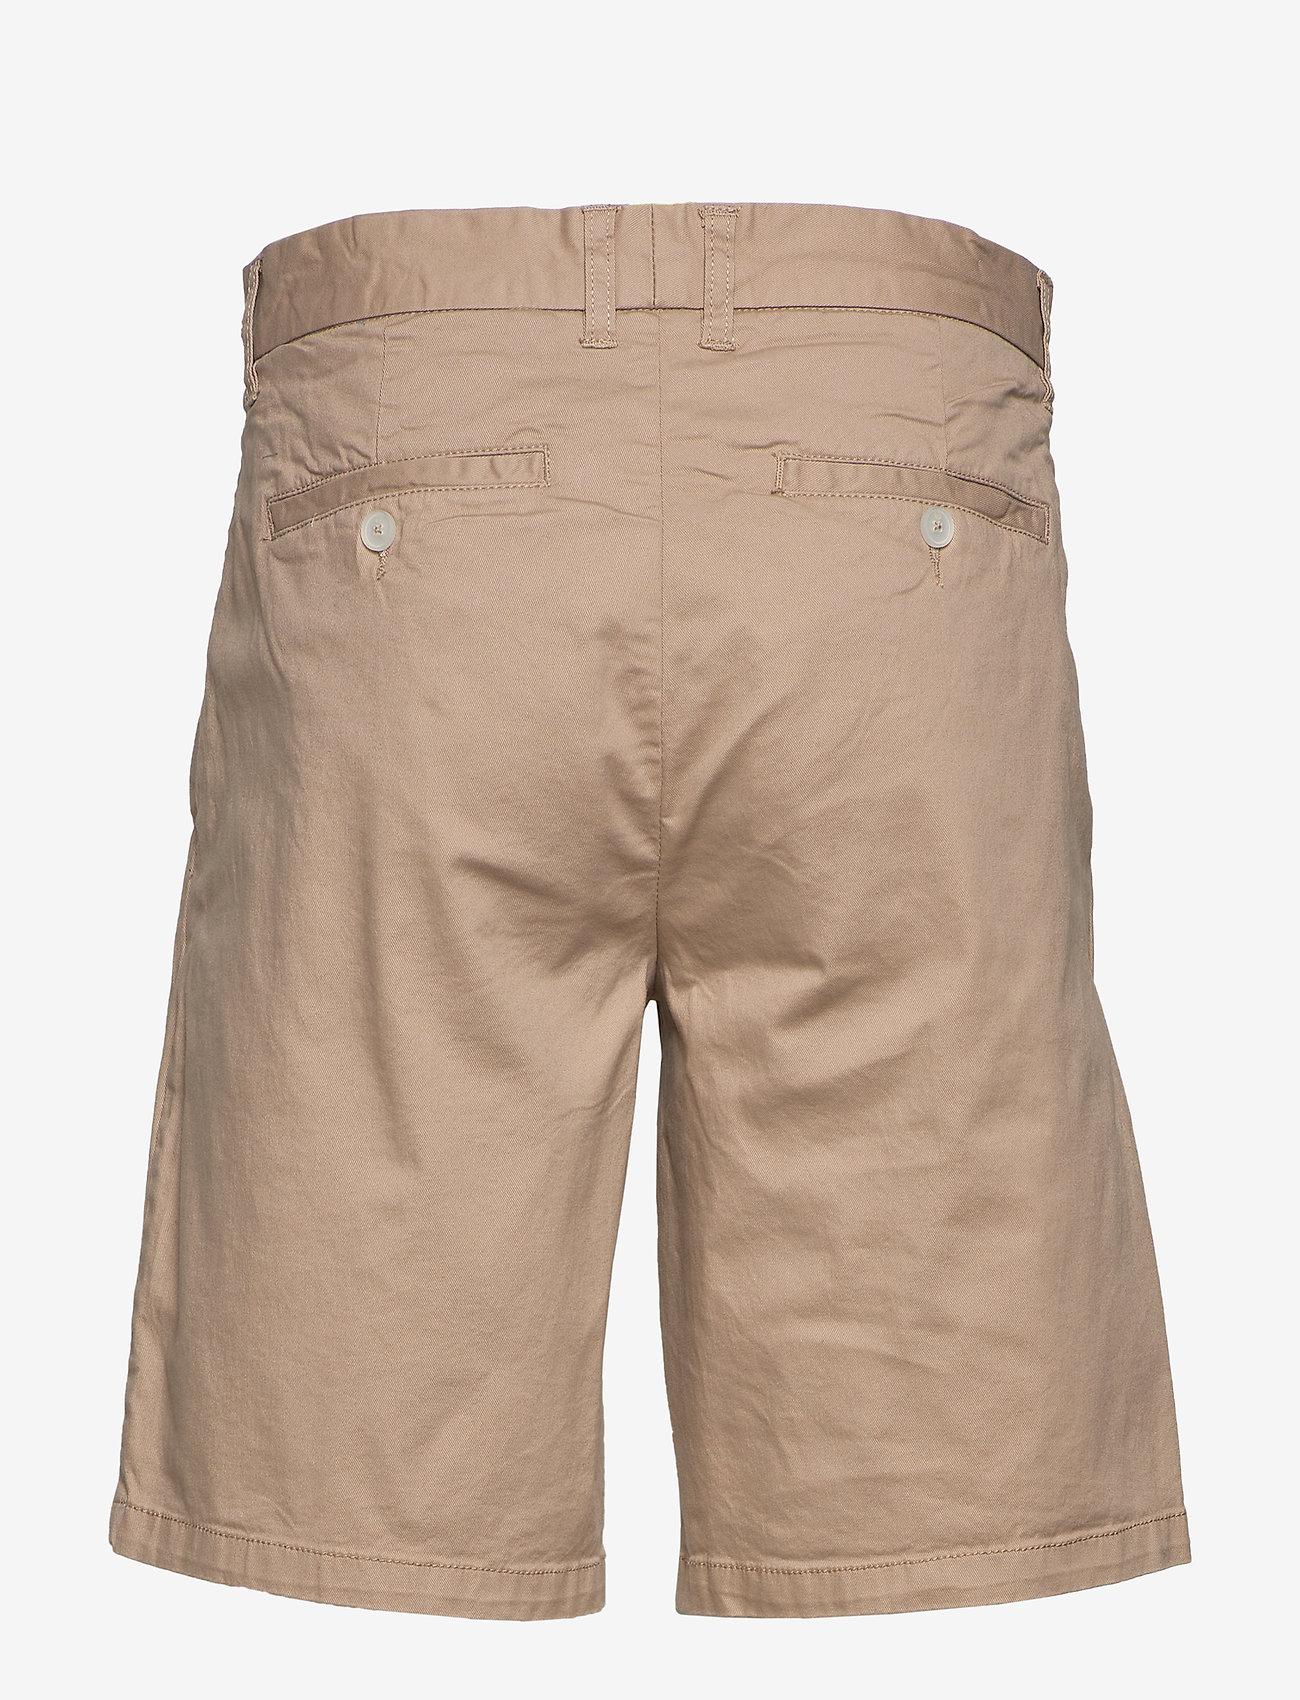 Minimum oran - Shorts KHAKI - Menn Klær